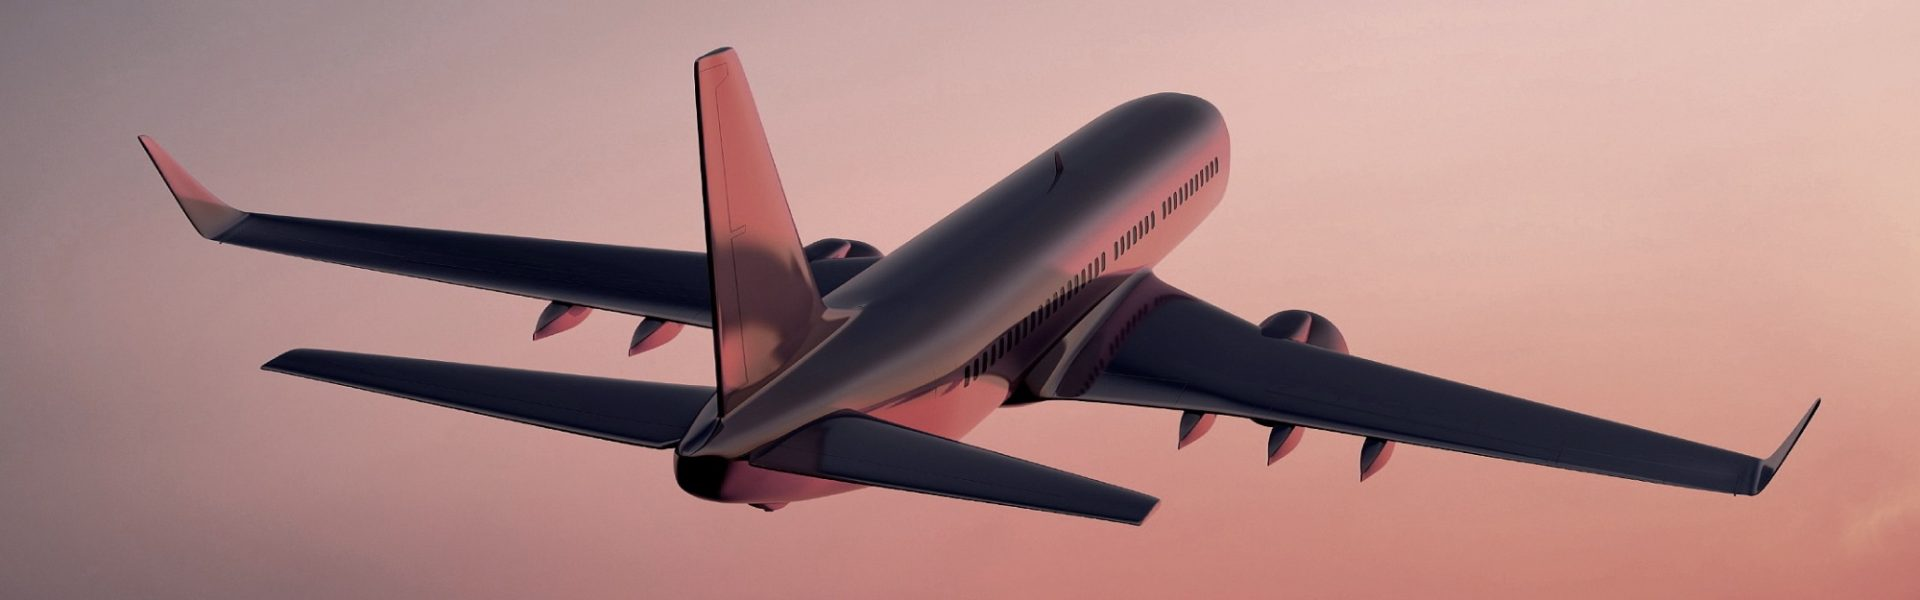 1800 Flights